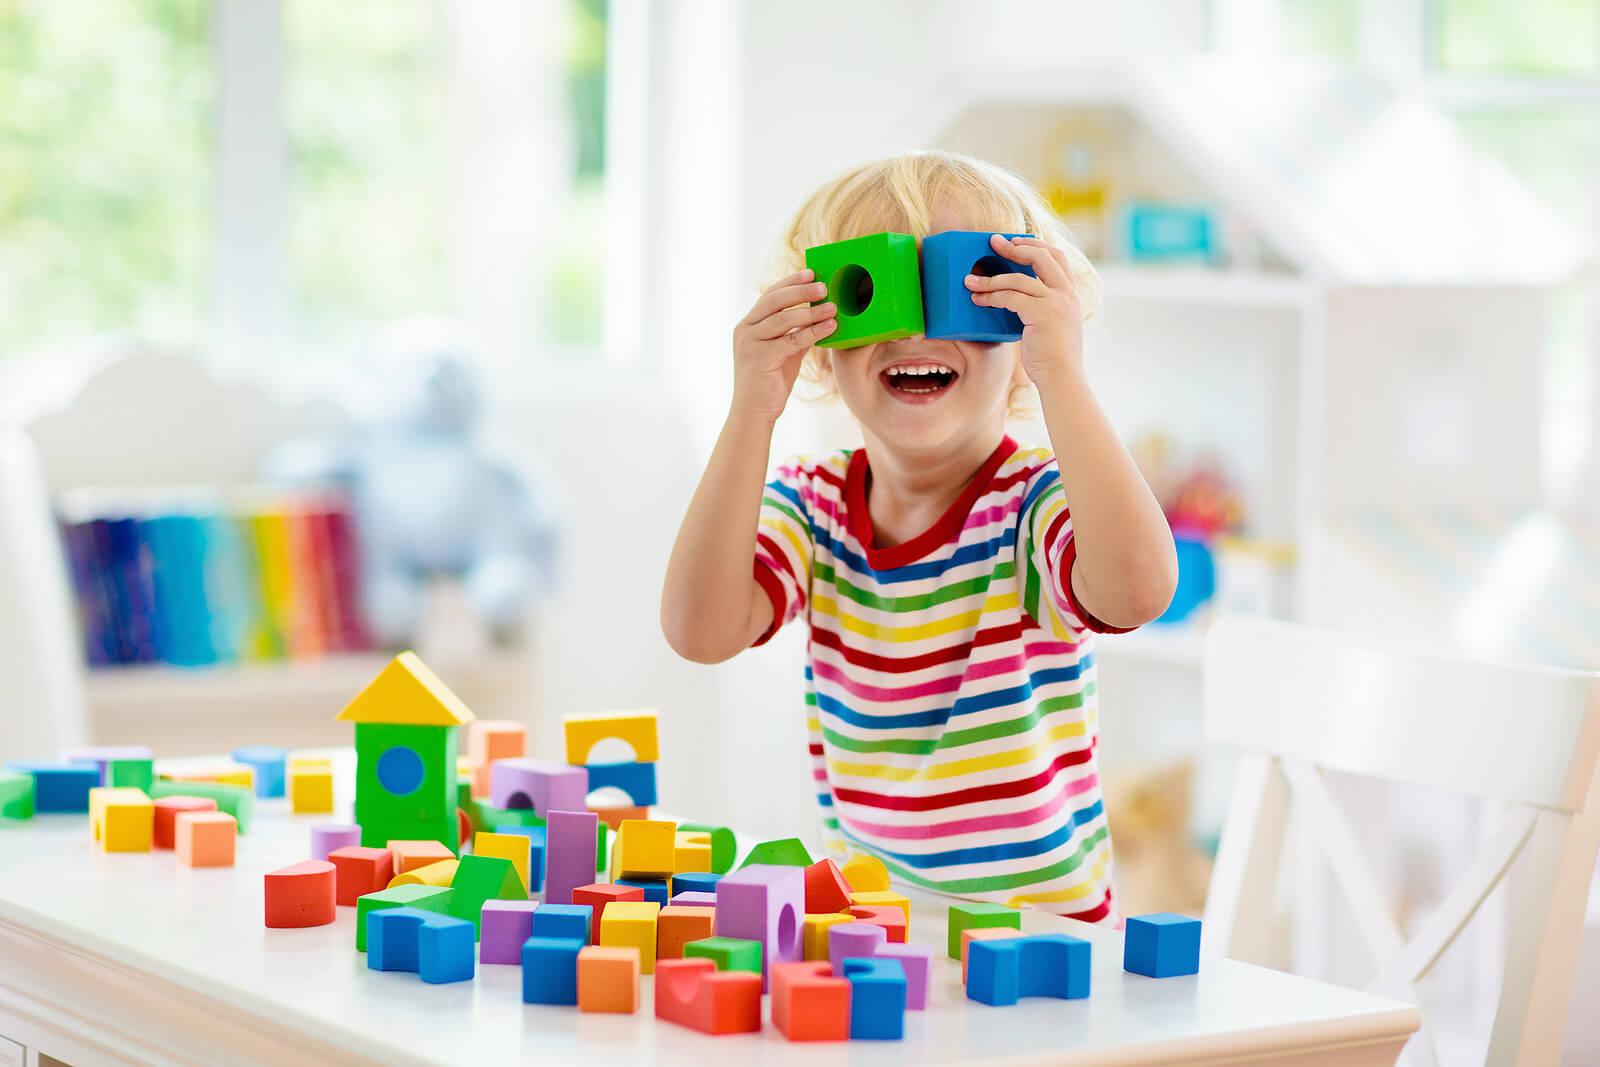 Niño jugando con unas piezas de madera para desarrollar el razonamiento deductivo.